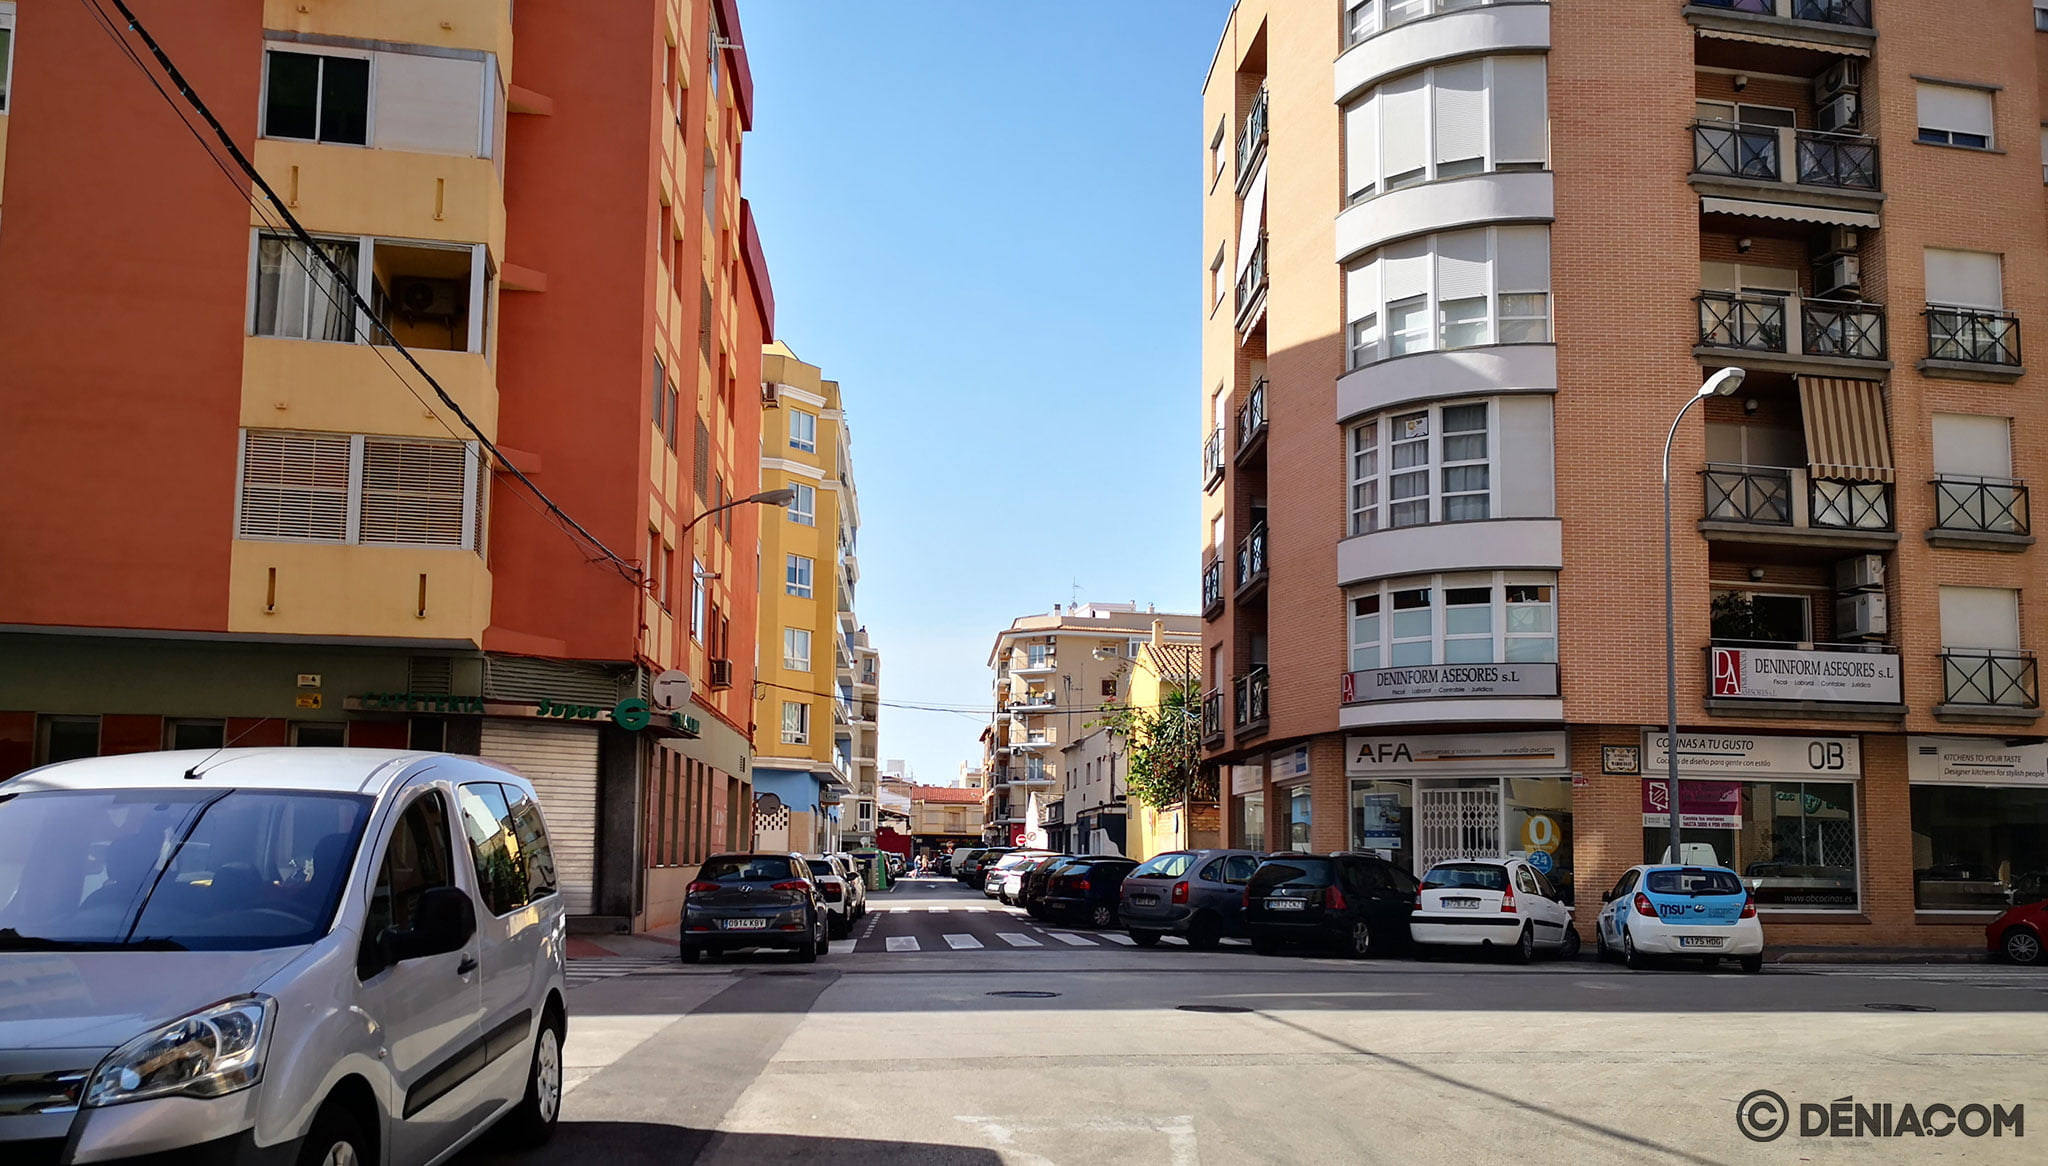 Crossing of Sertorio street with Avenida Marquesado